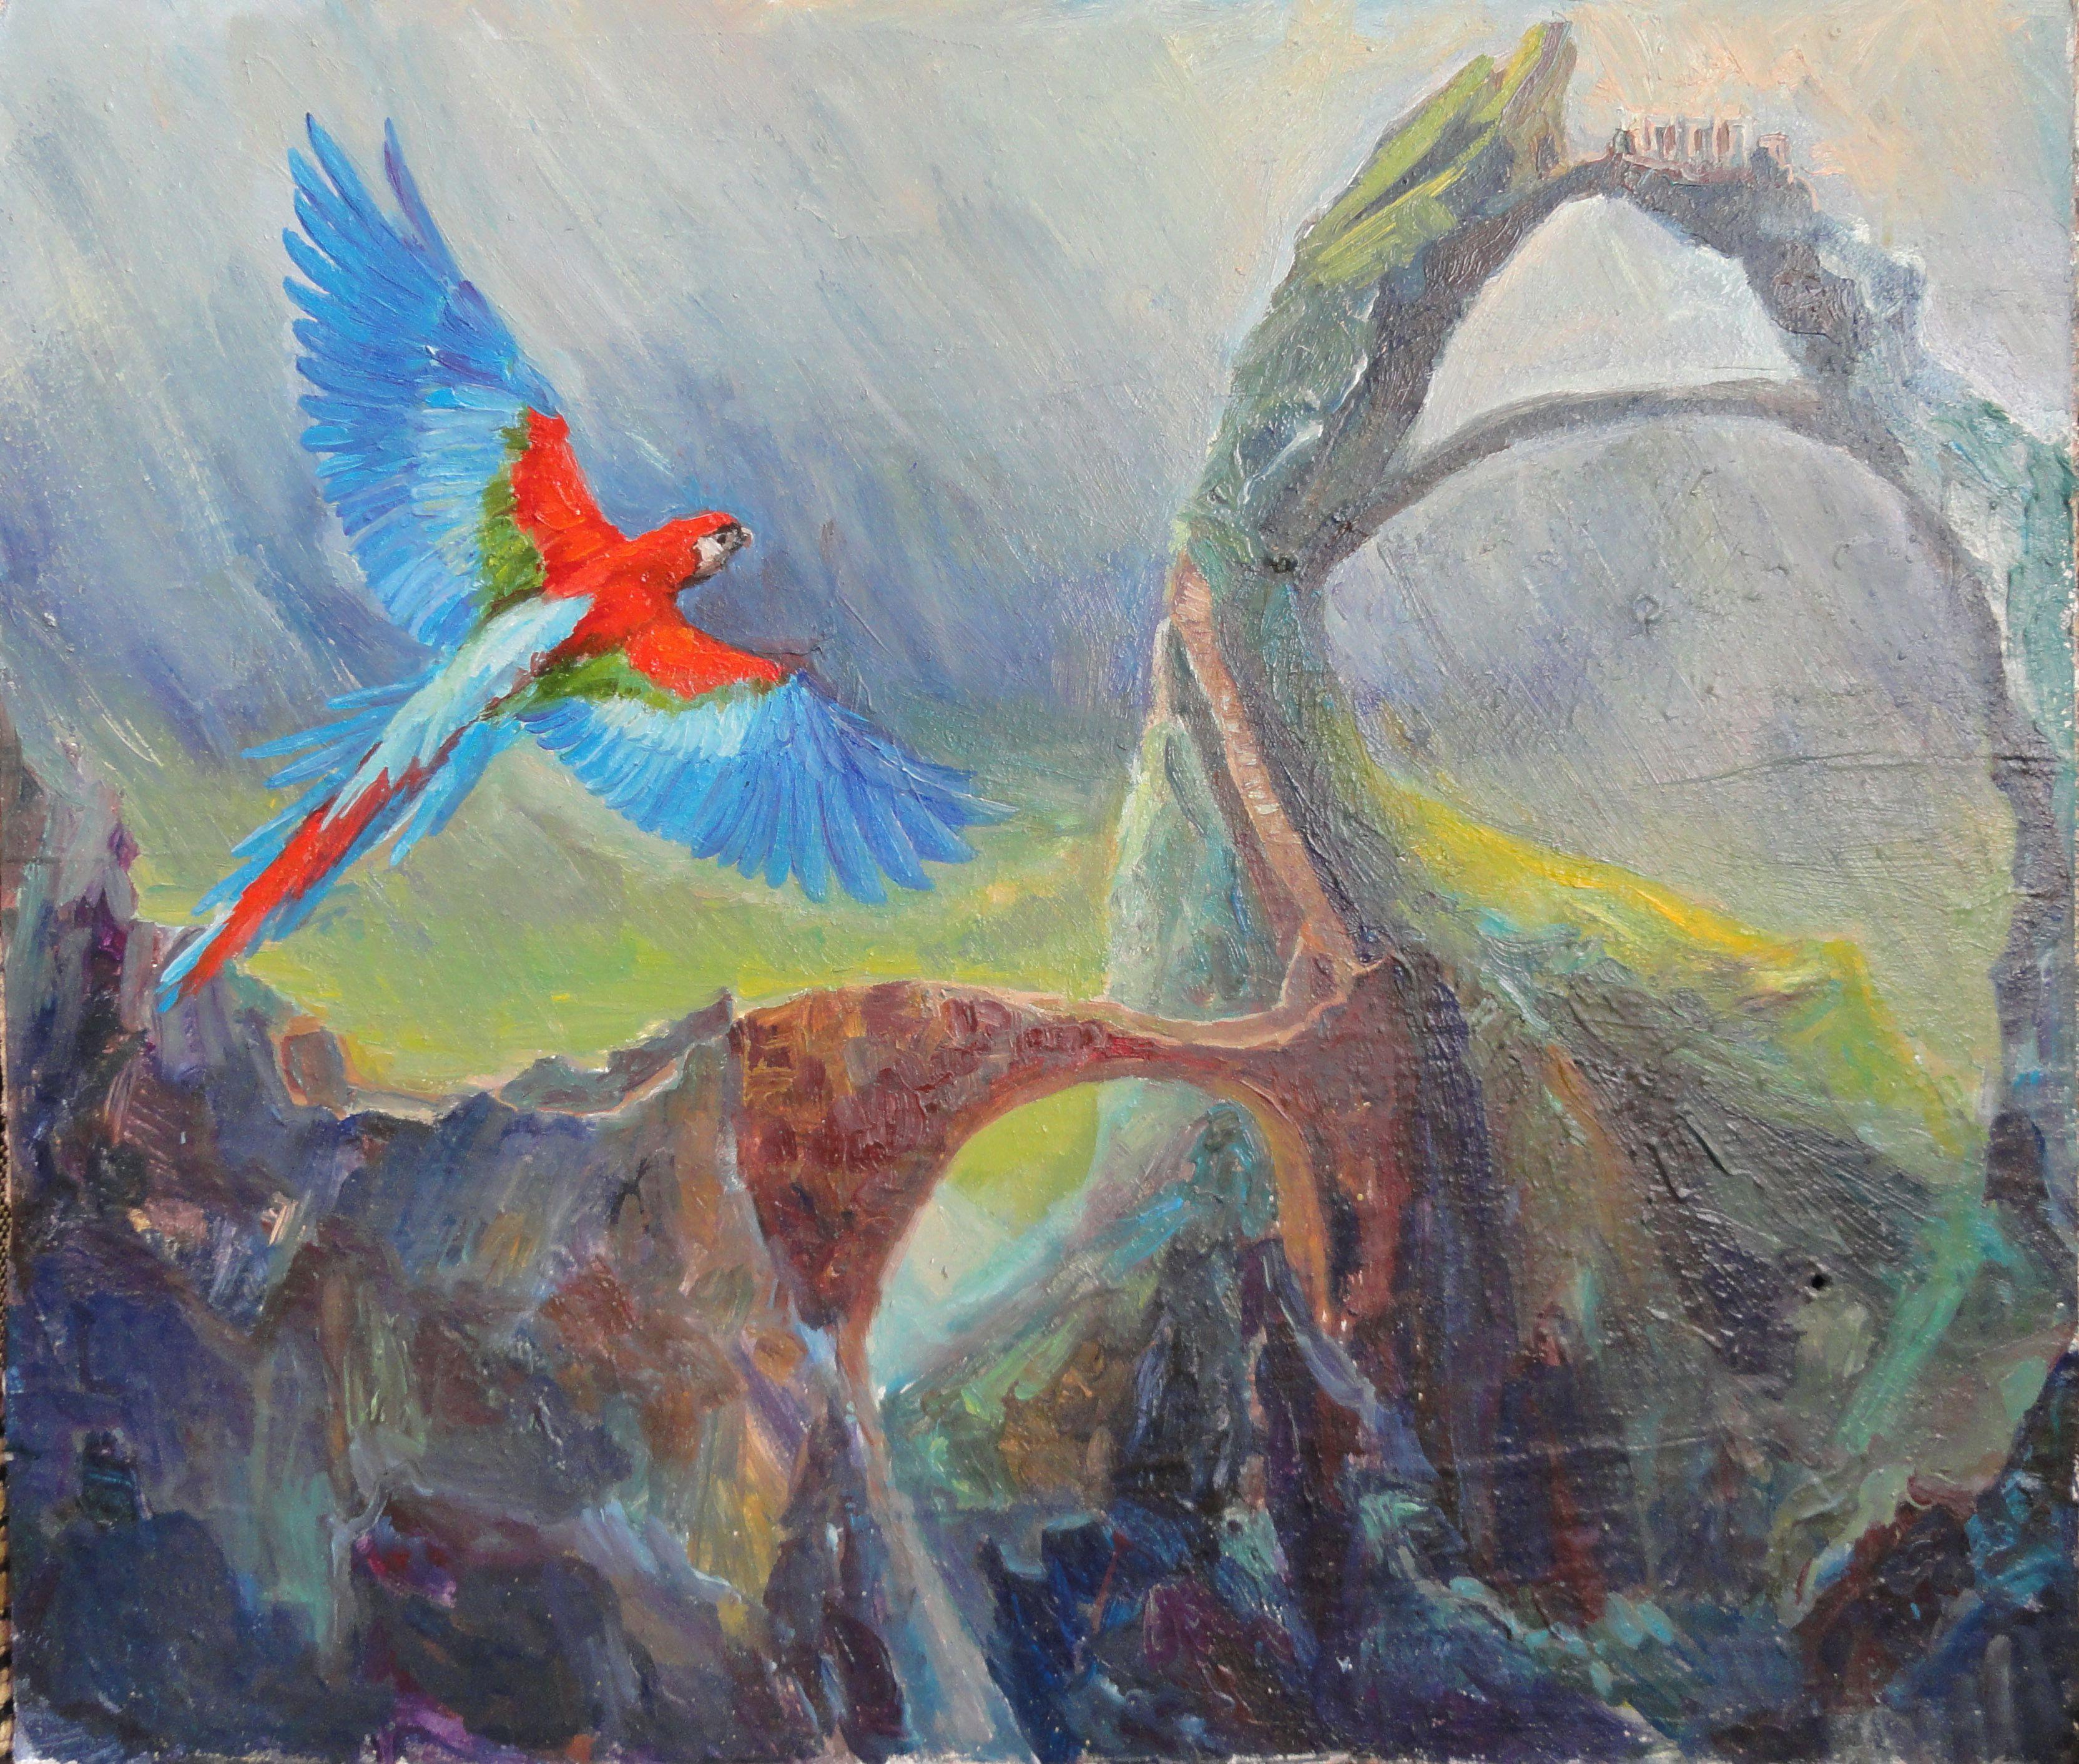 арт масло новое живопись настроение попугай пейзаж искусство полёт красиво